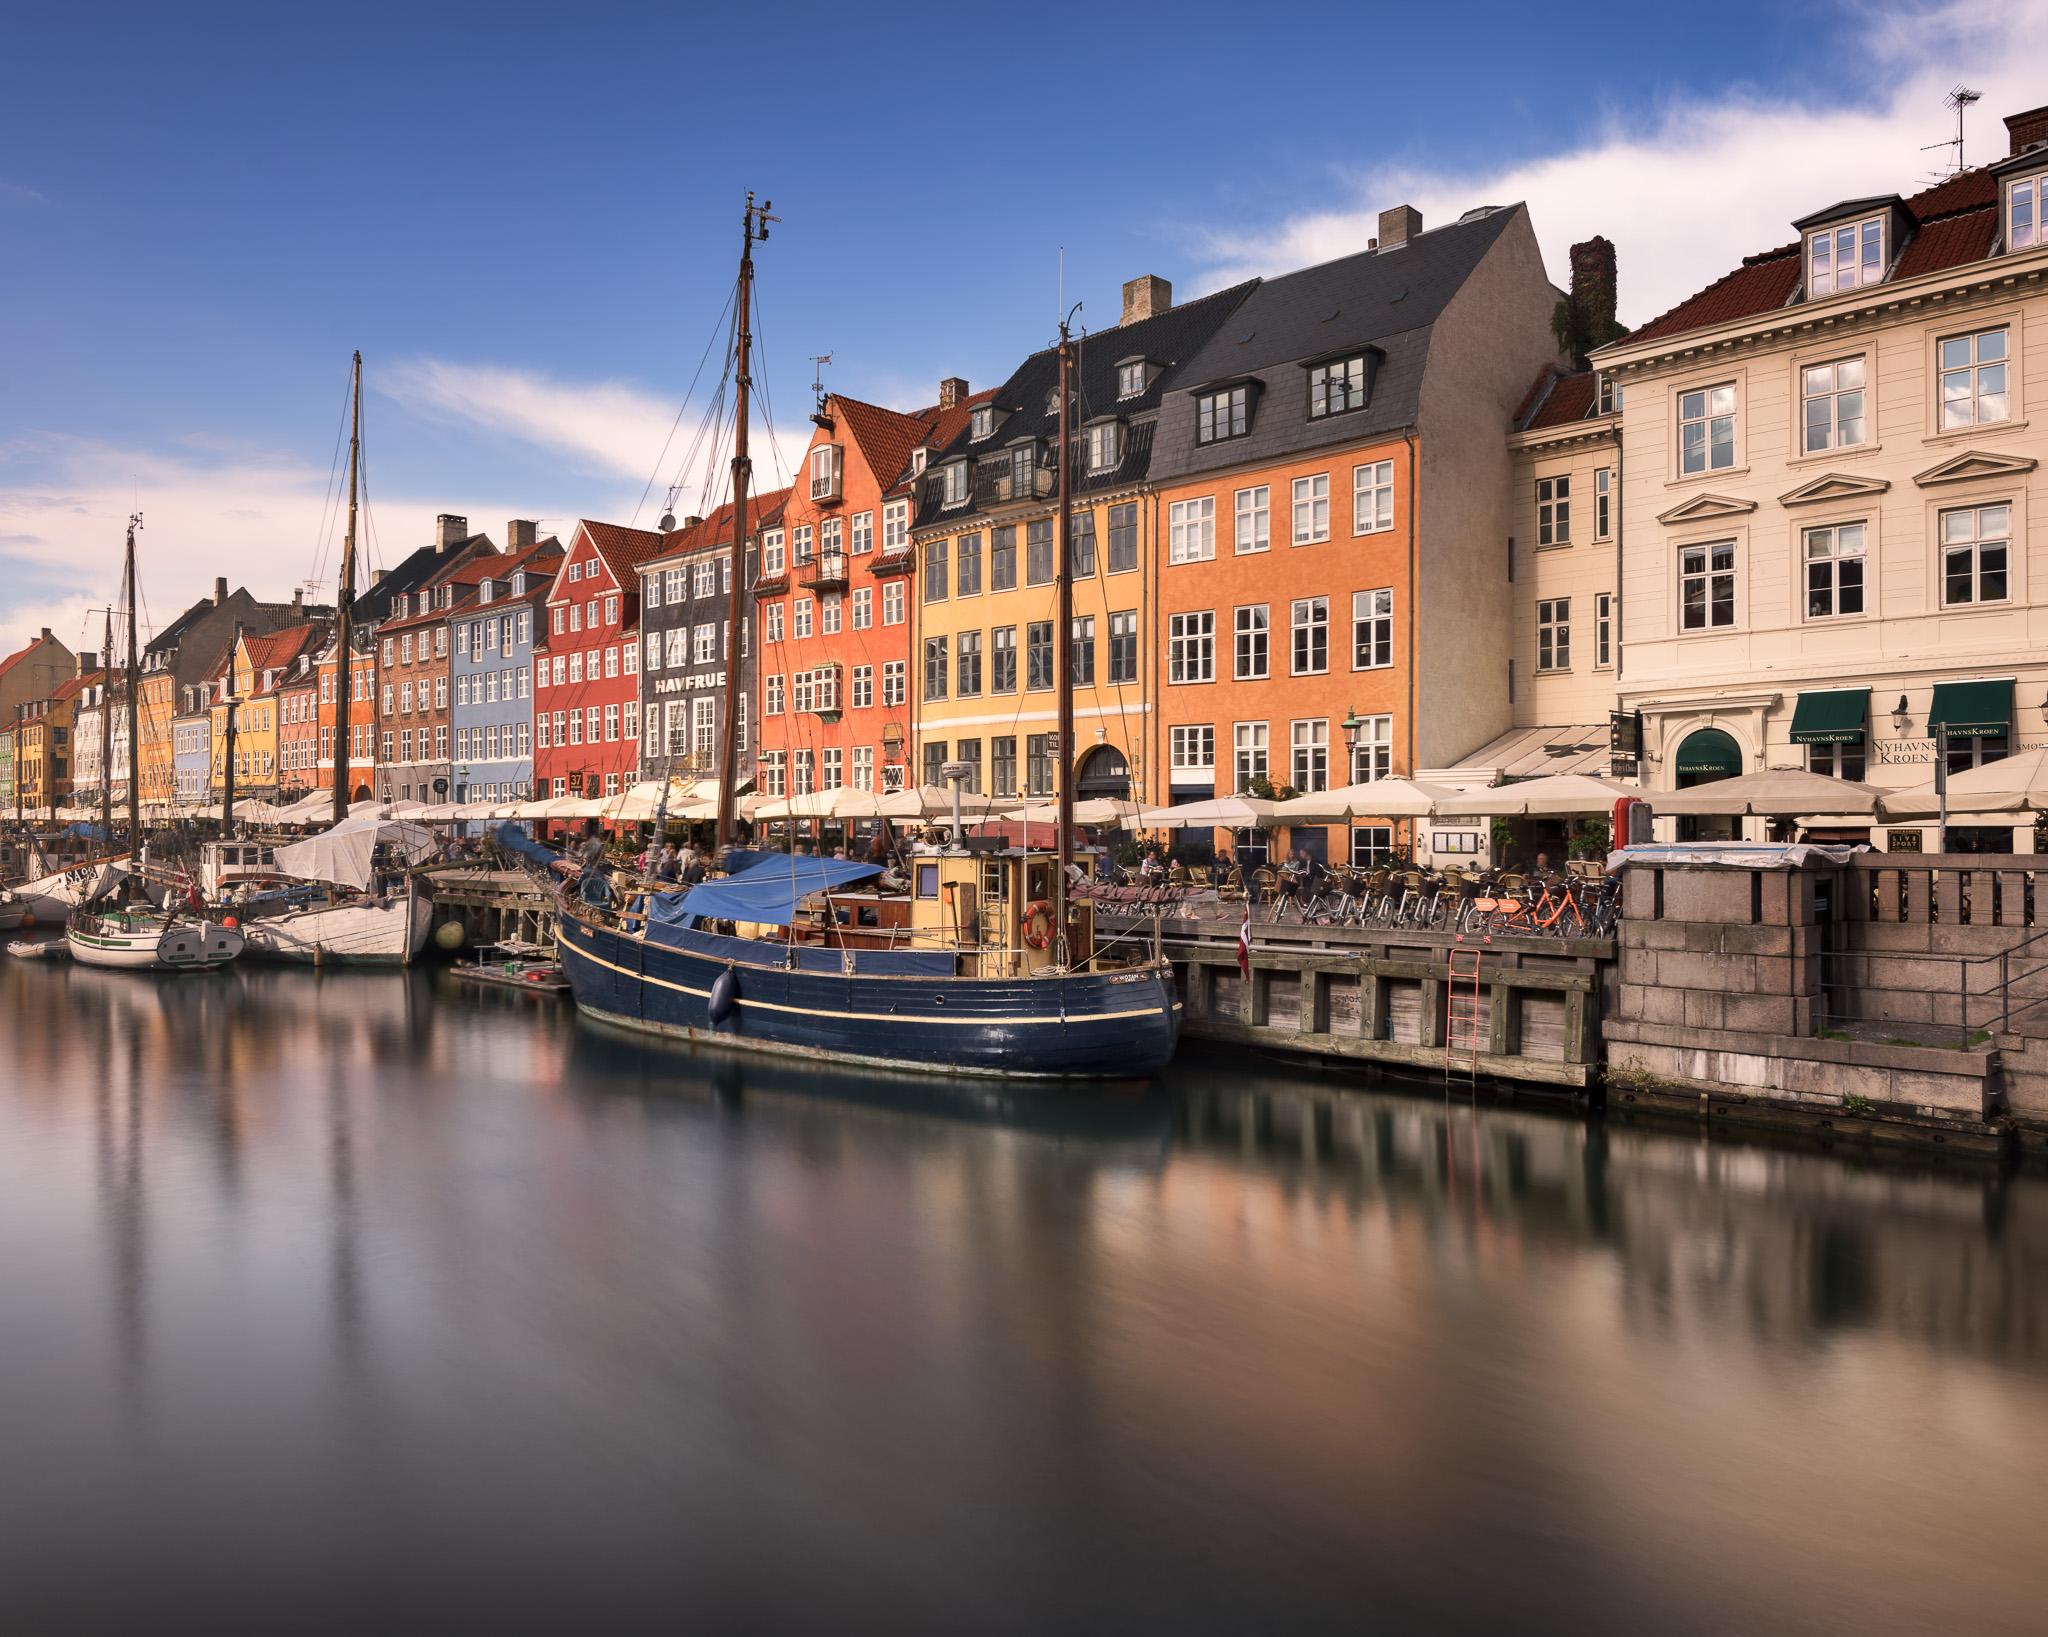 Nyhavn-Pier-in-the-Old-Town-of-Copenhagen-Denmark.jpg